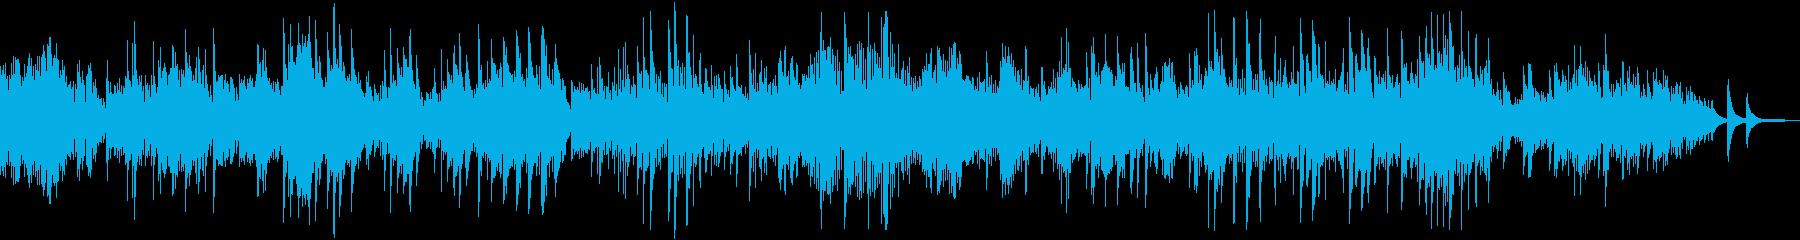 ピアノソナタ第14番「月光」第1楽章の再生済みの波形